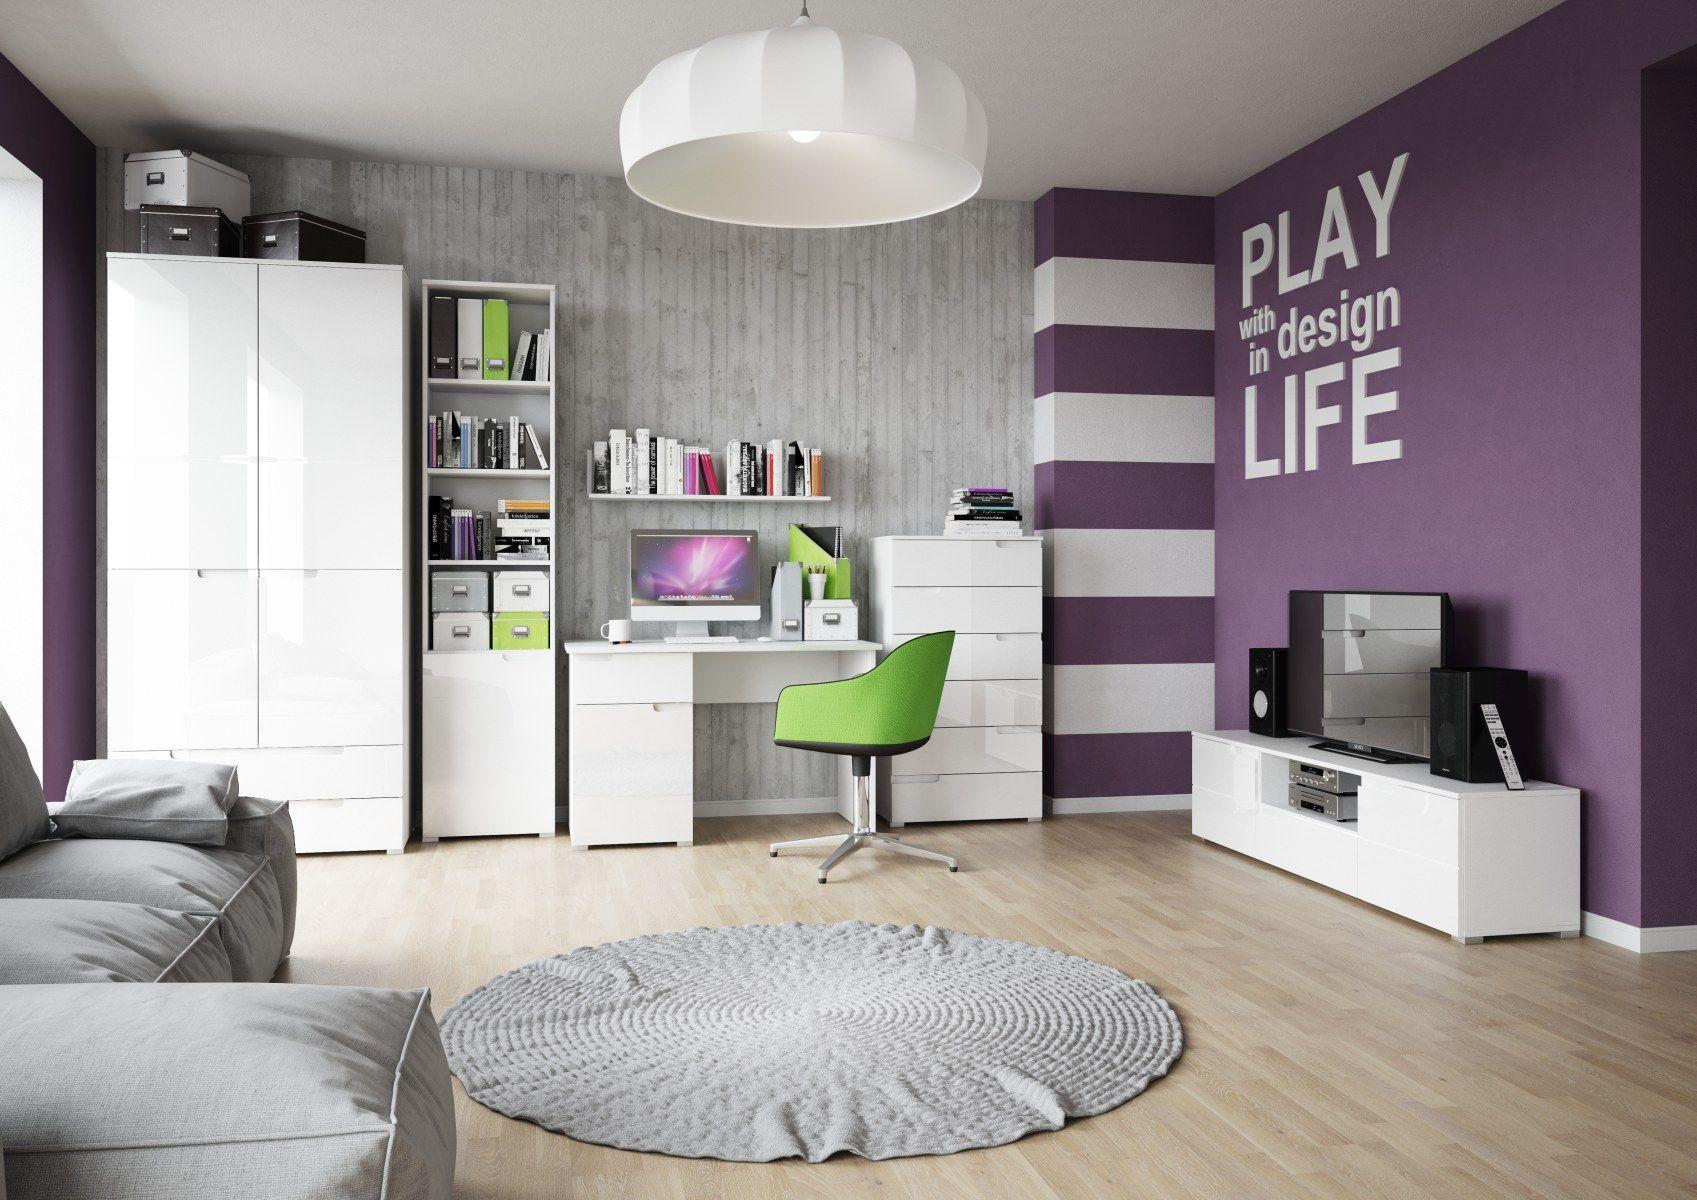 selene pokoj mlodziezowy